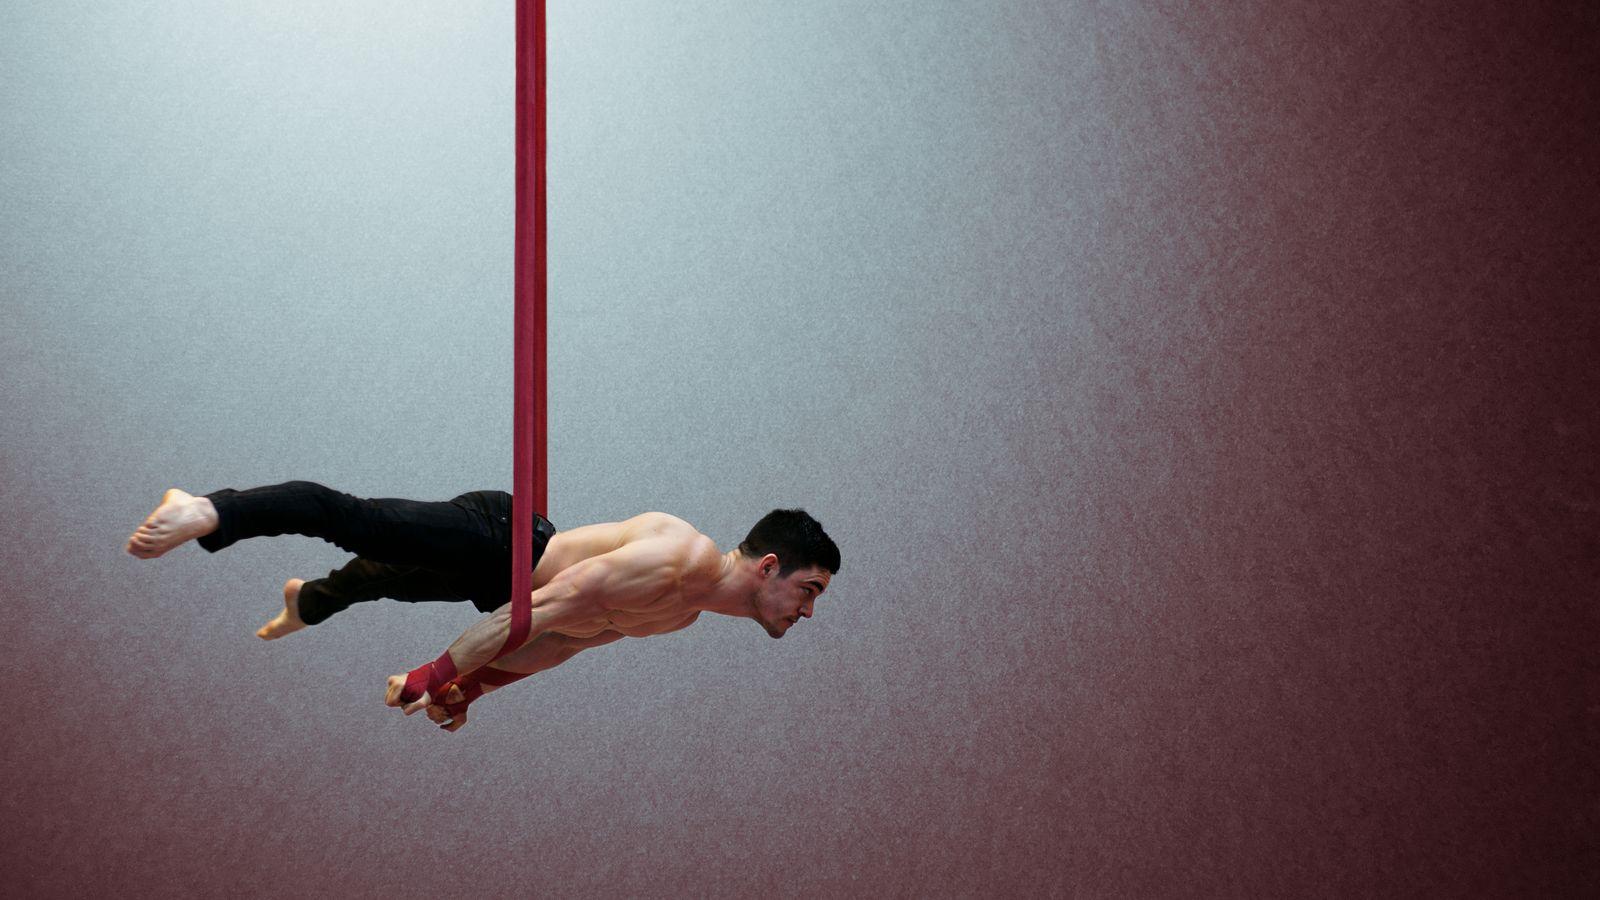 Yoann Doaré en planche aux sangles, au gymnase d'Overground circus, à Lyon 5e. Il est torse nu et tous ses muscles sont tendus pour le maintenir en l'air.